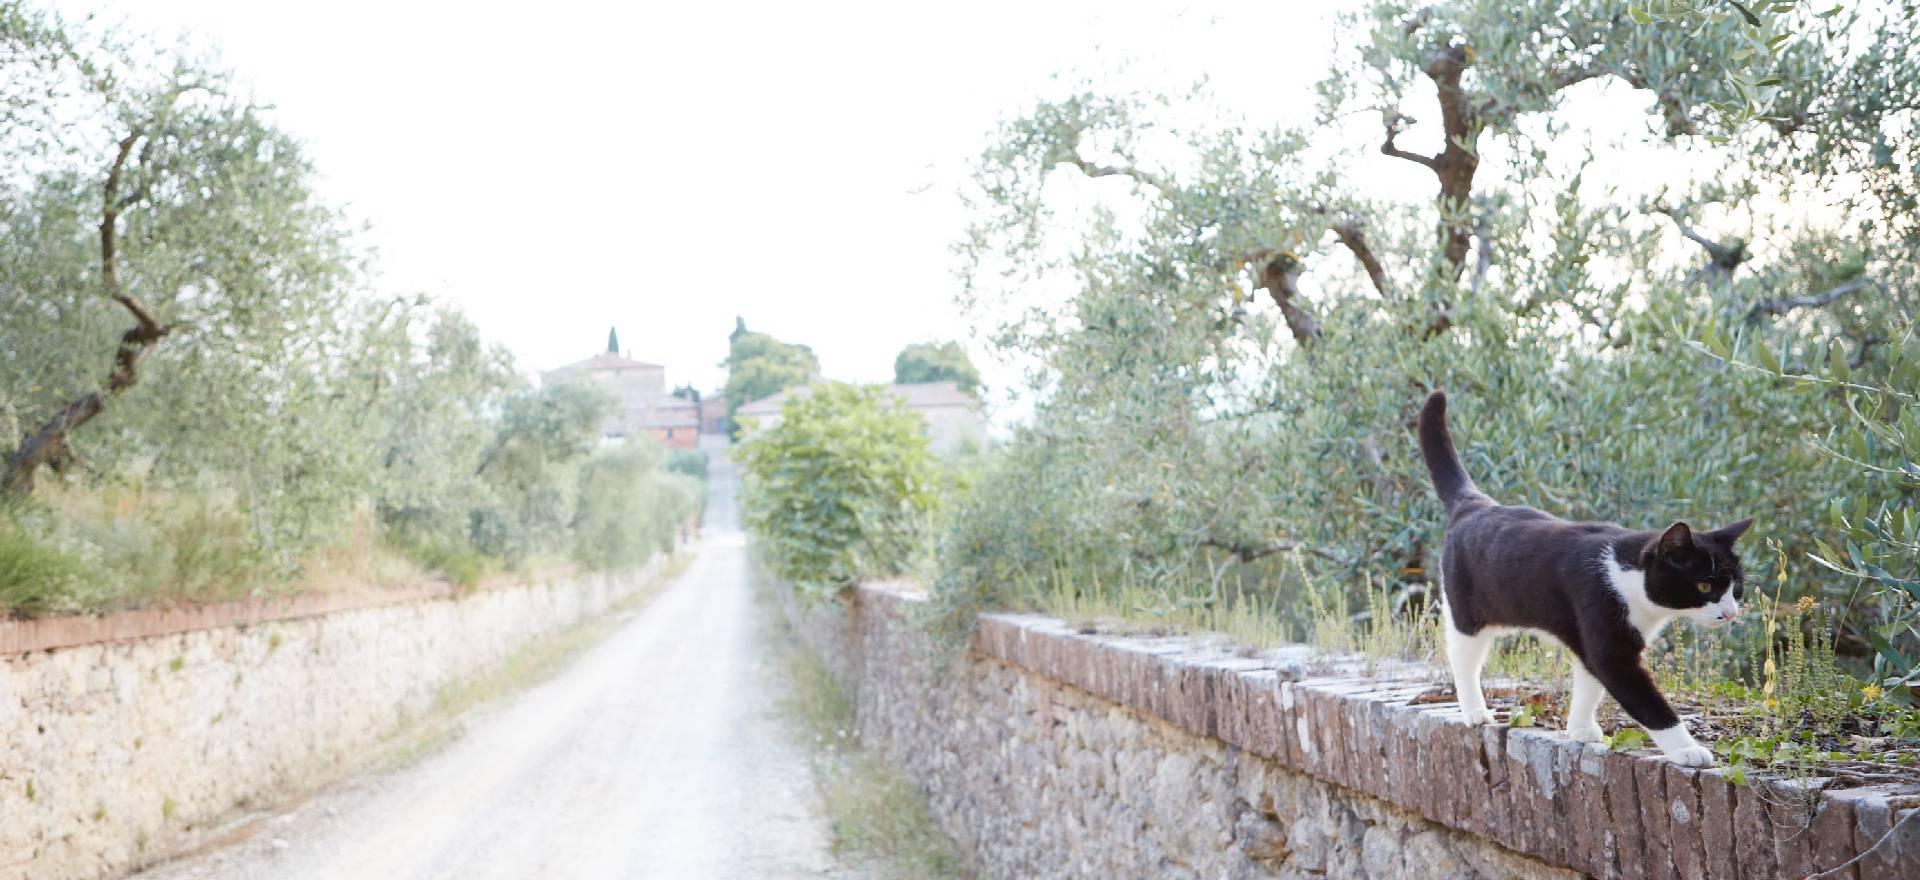 Agriturismo Toscane Verborgen parel in Toscane vlakbij Siena